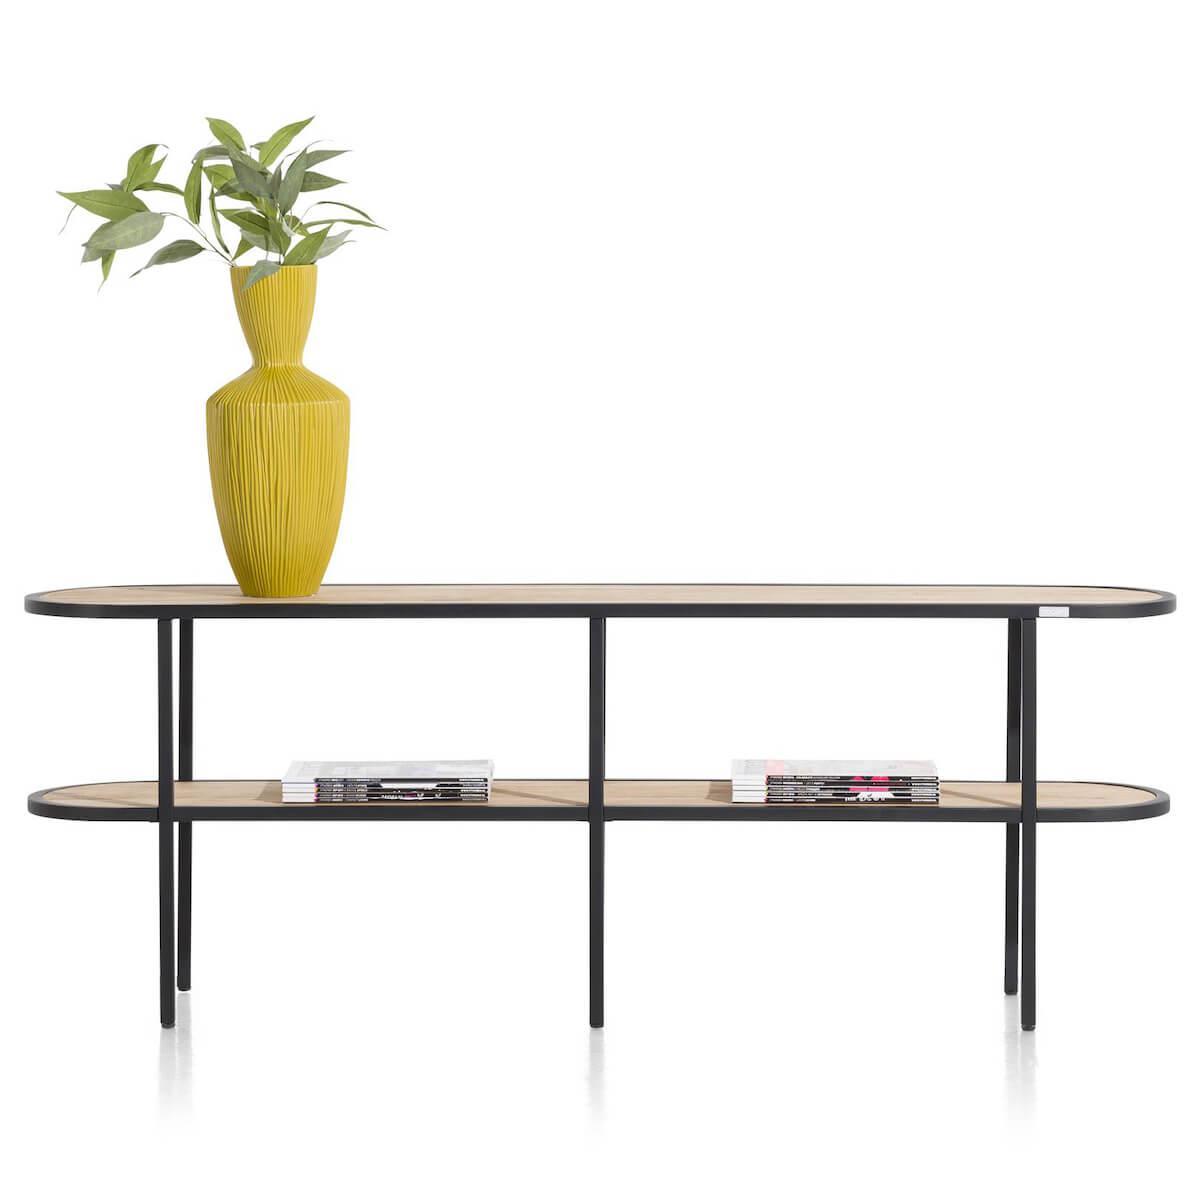 Table d'appoint 160cm KINNA Xooon